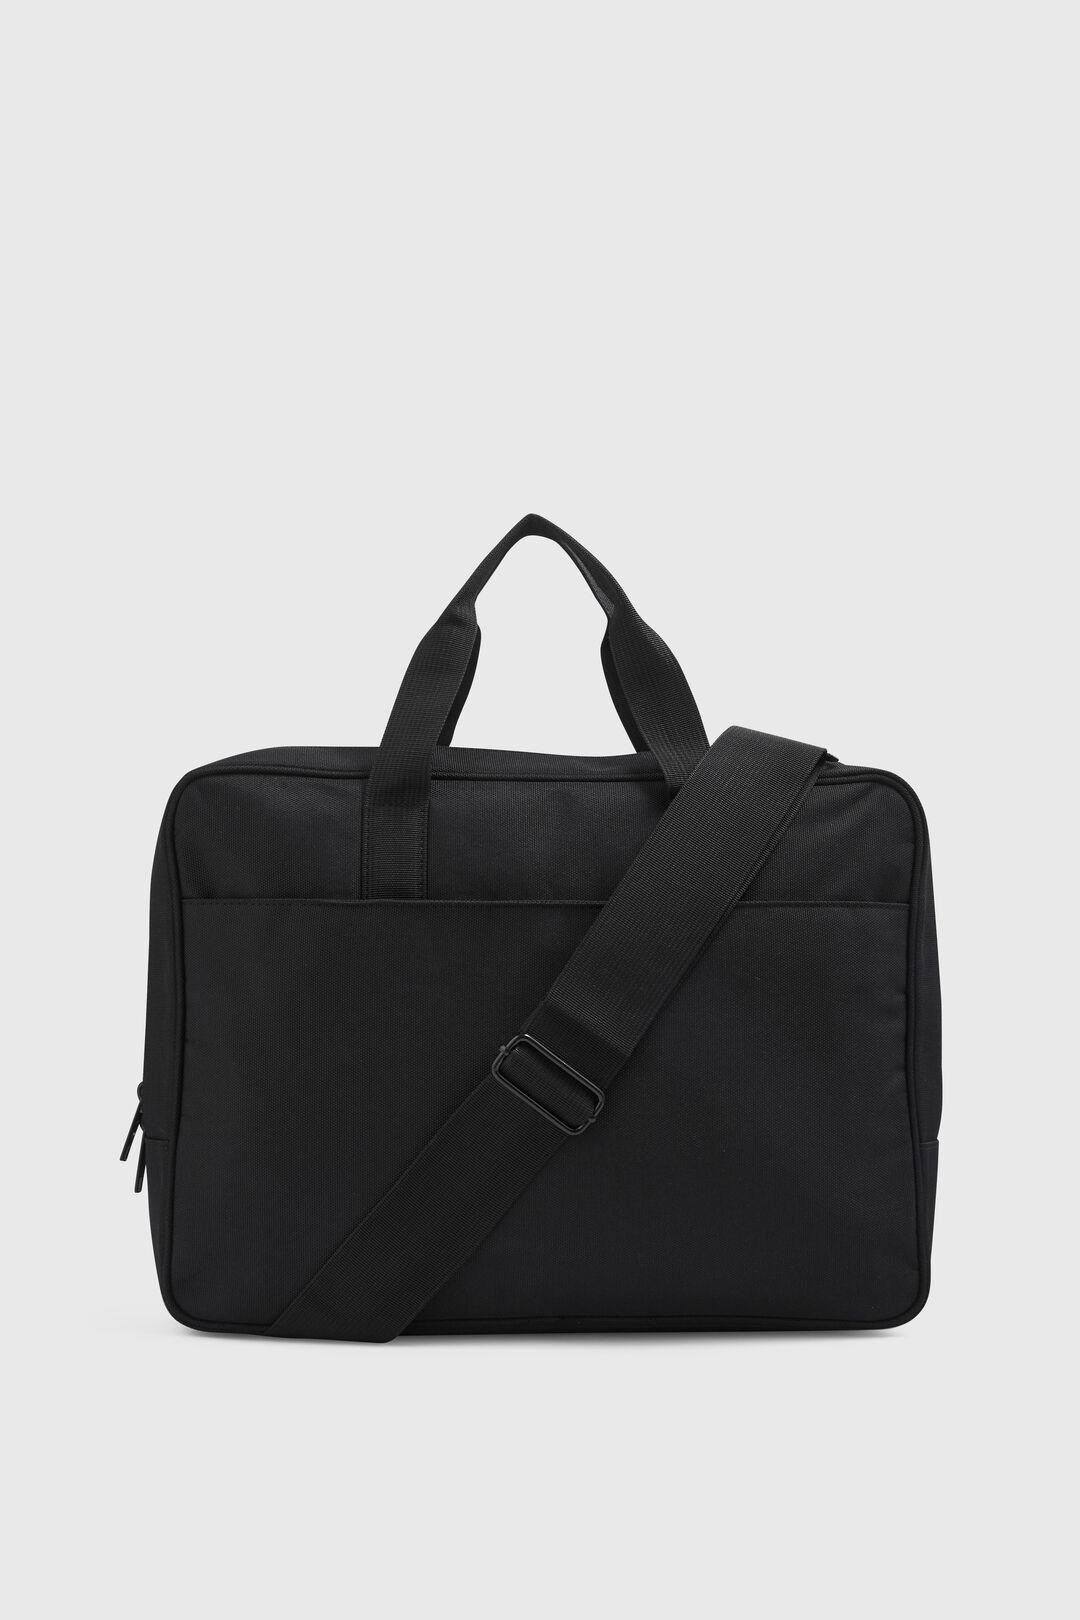 NYLON LAPTOP BAG  BLACK  hi-res